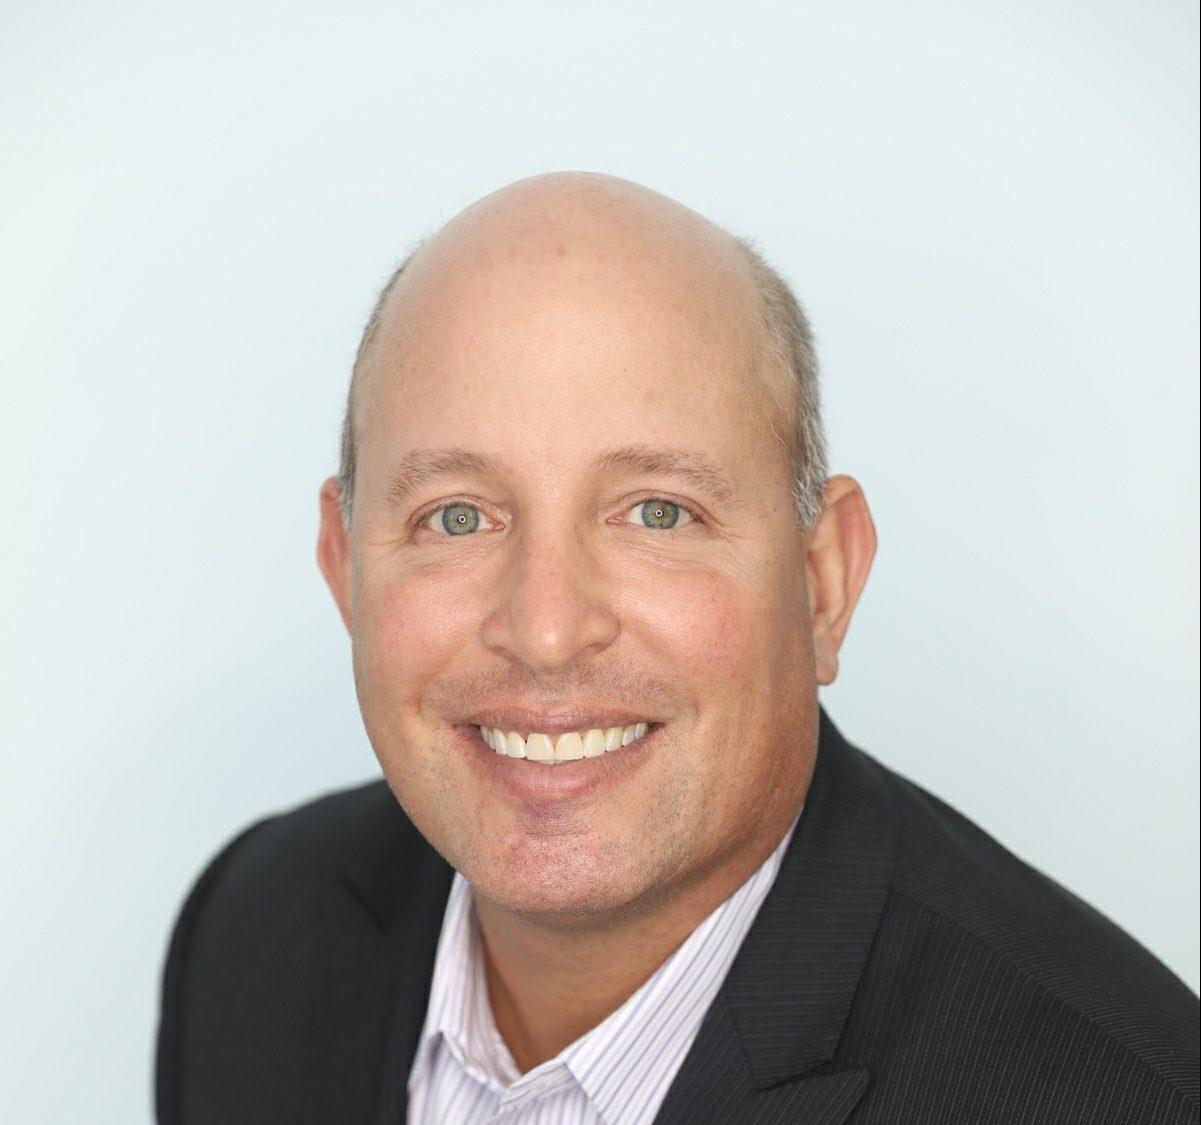 David A. Tabb